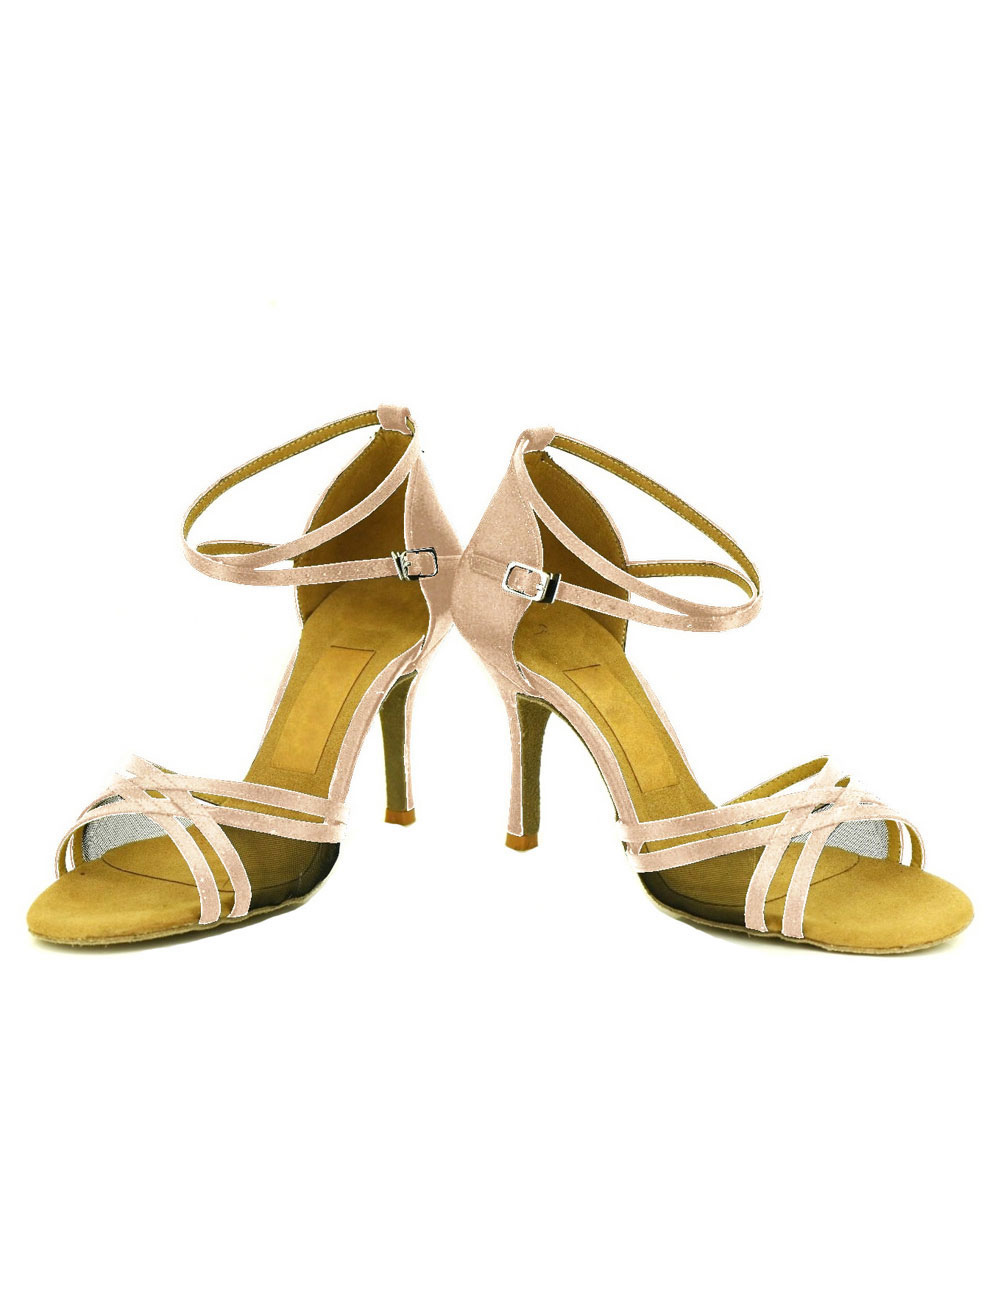 Zapatos de bailes latinos color liso a medidas X9D34nbcN